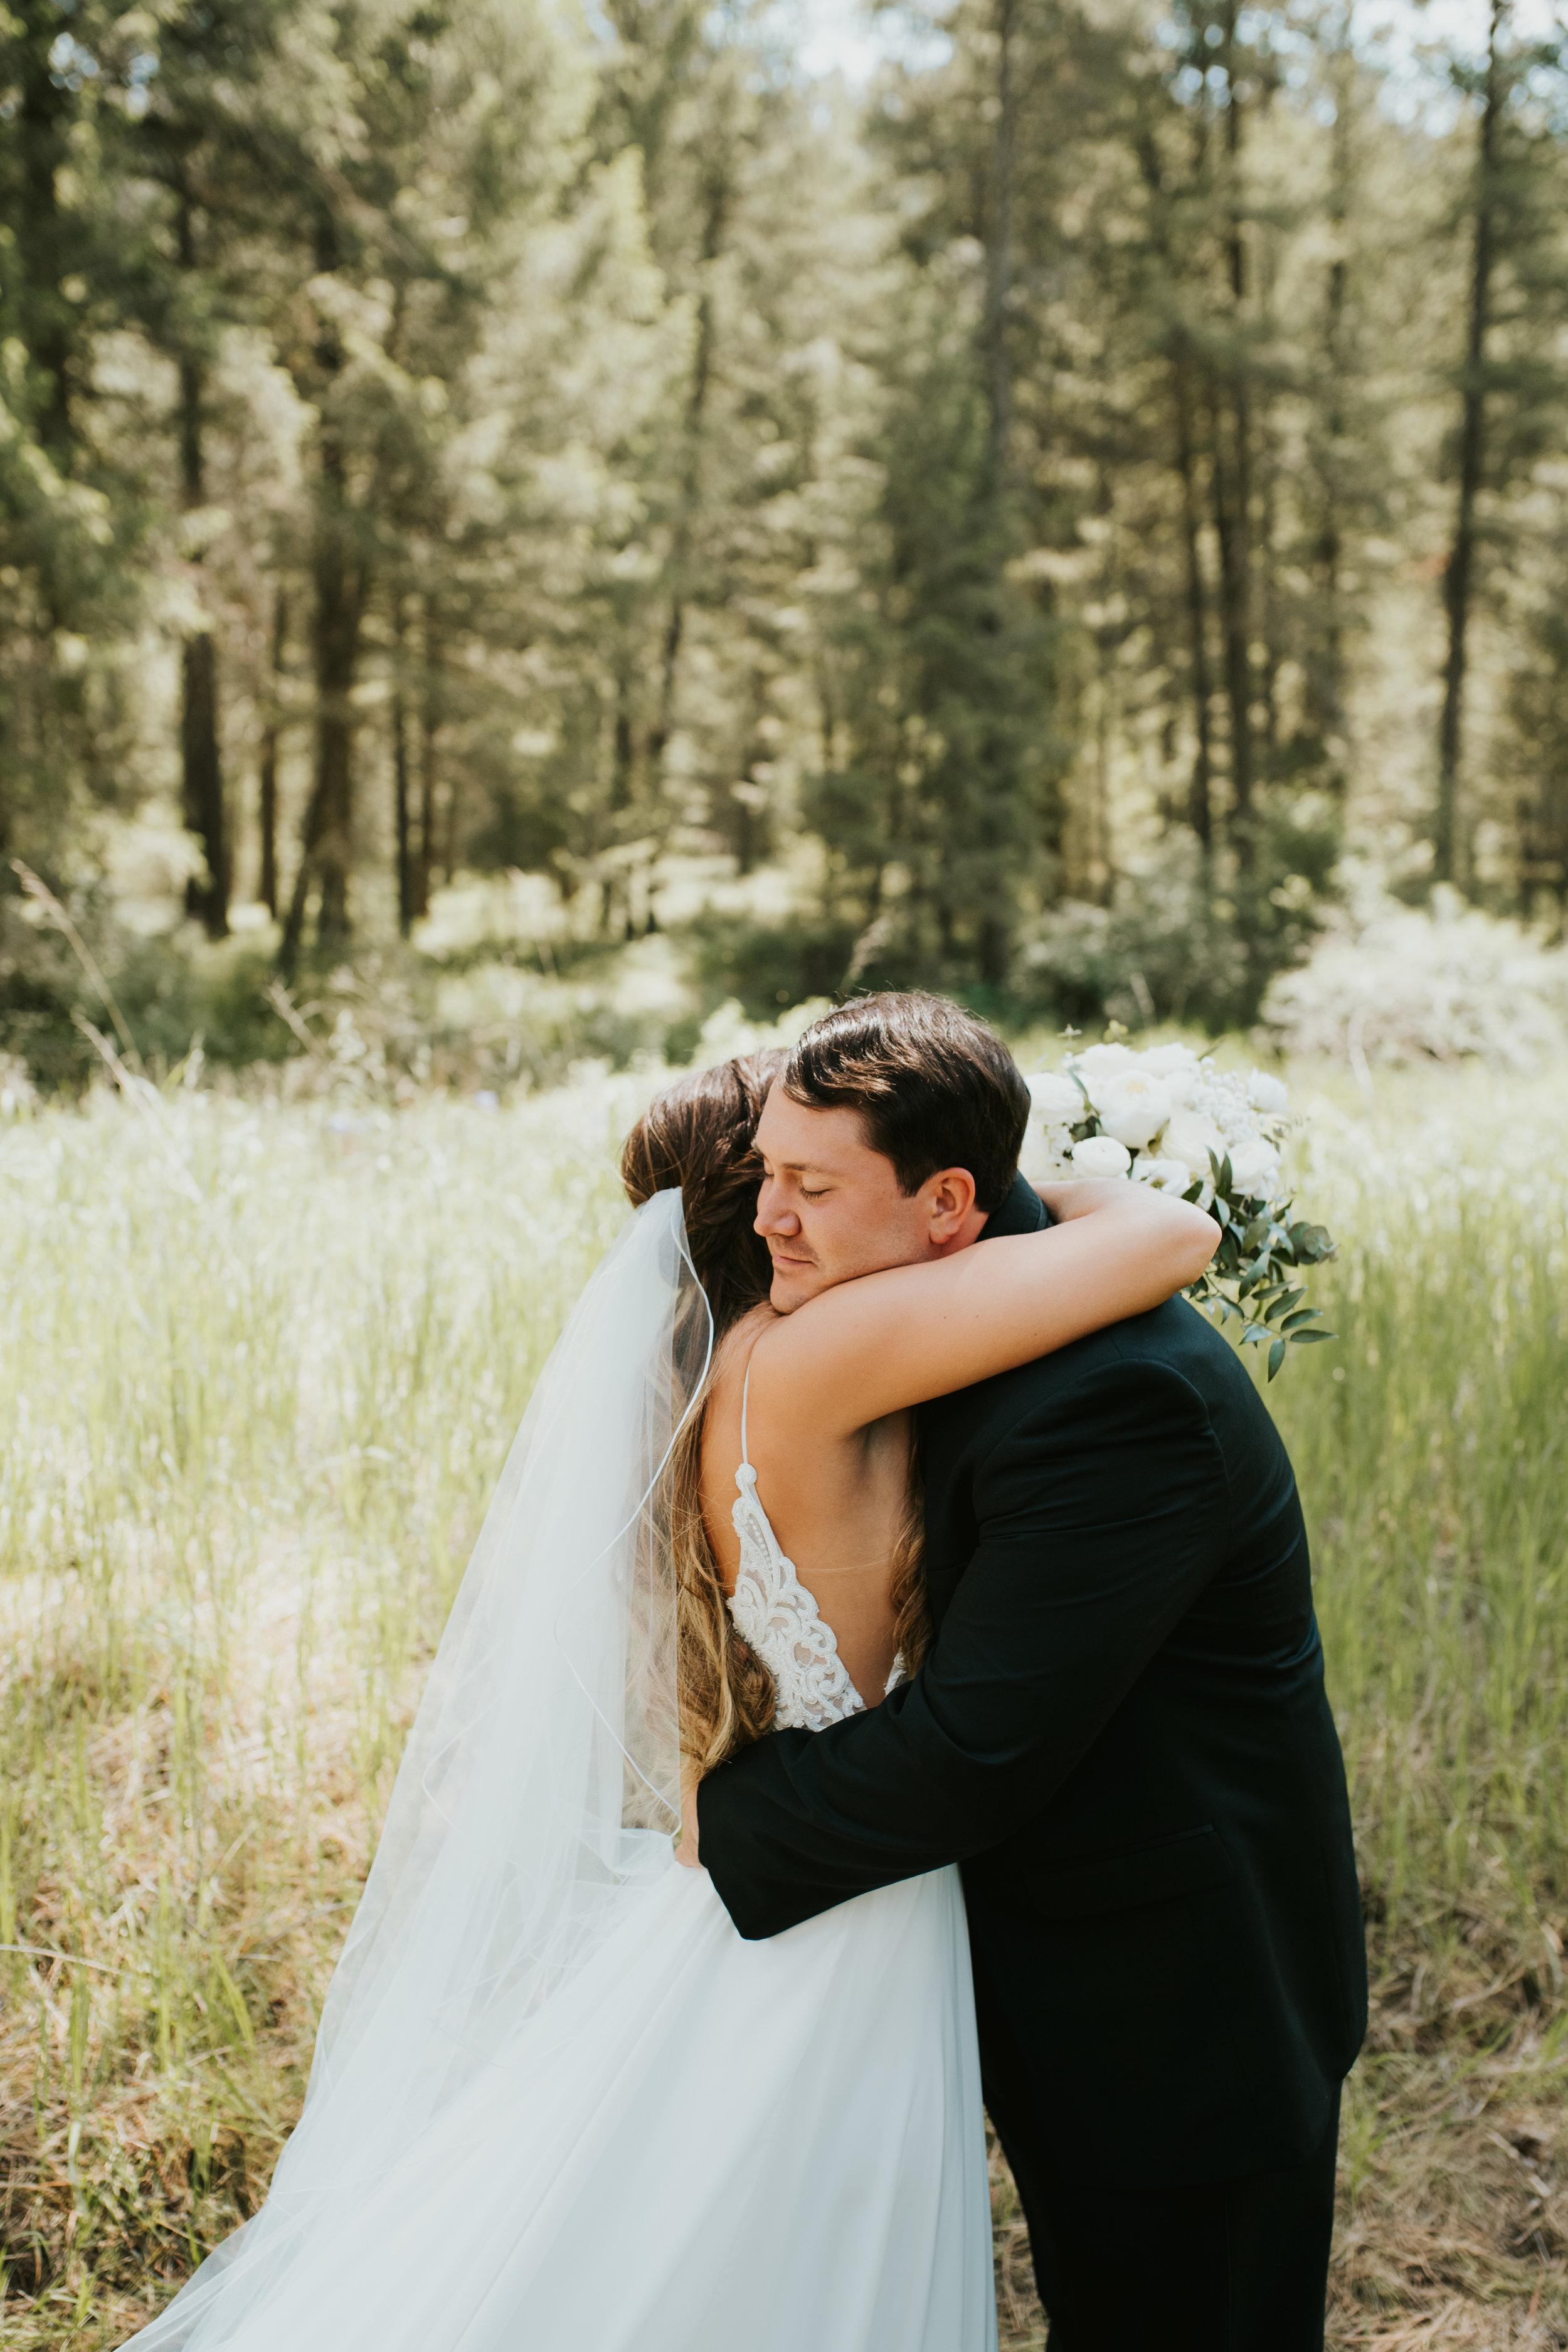 bride and groom hug spokane wedding